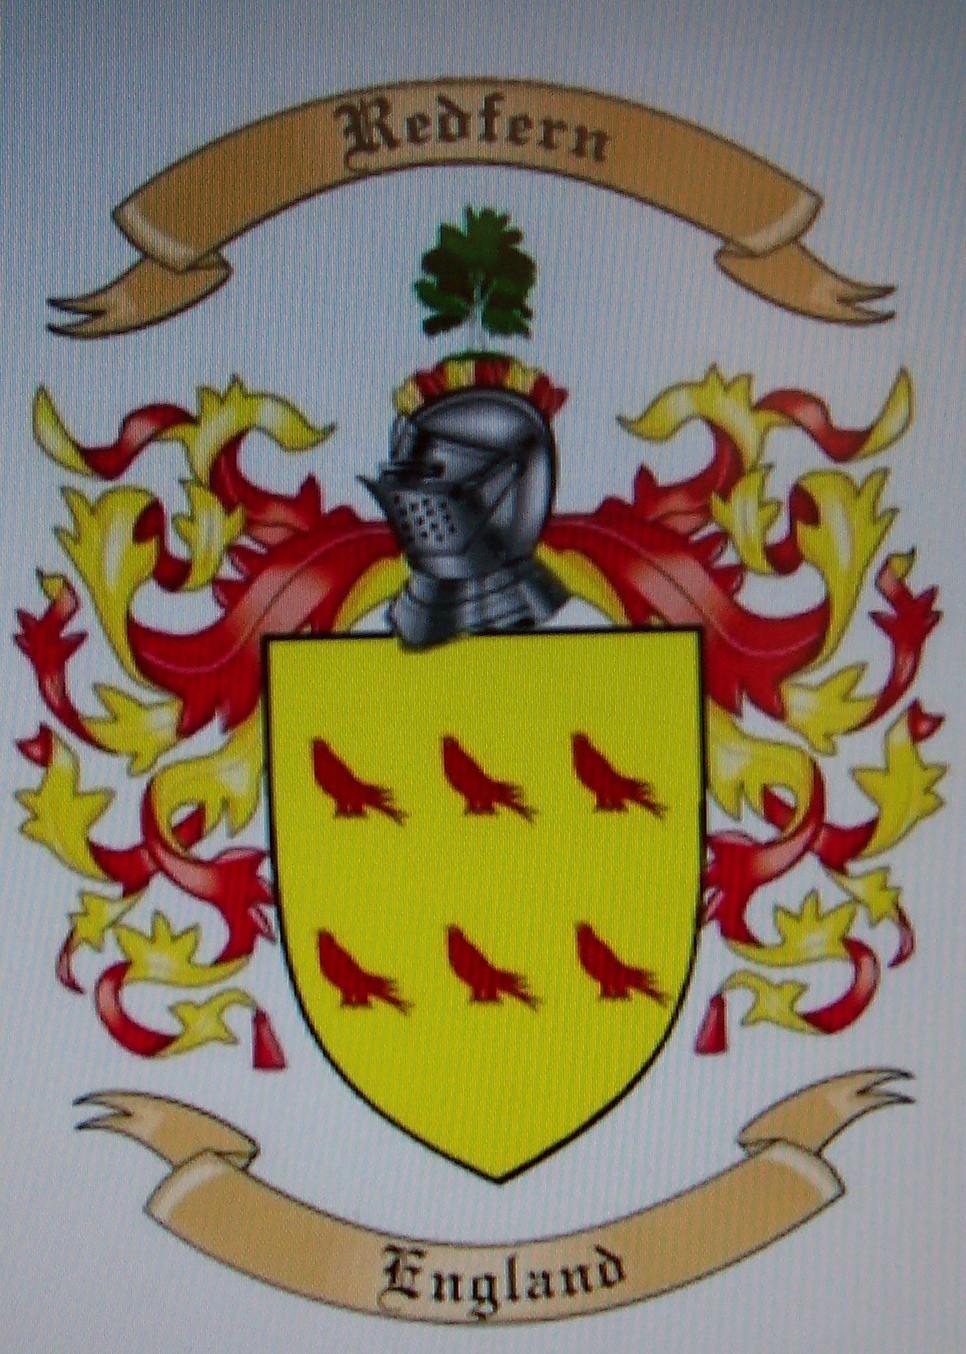 Nimrod Redfearn